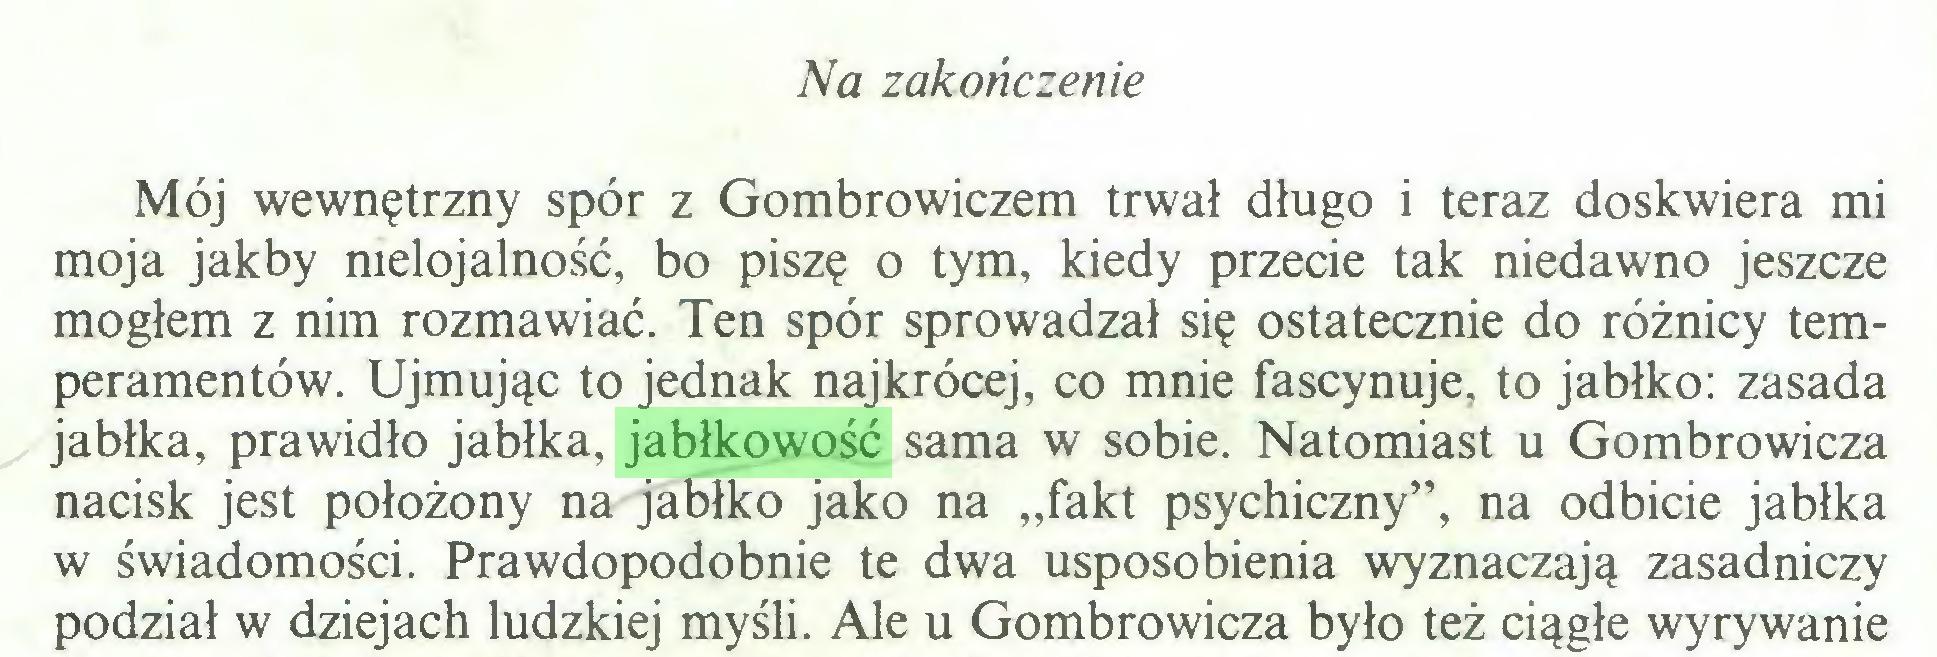 """(...) Na zakończenie Mój wewnętrzny spór z Gombrowiczem trwał długo i teraz doskwiera mi moja jakby nielojalność, bo piszę o tym, kiedy przecie tak niedawno jeszcze mogłem z nim rozmawiać. Ten spór sprowadzał się ostatecznie do różnicy temperamentów. Ujmując to jednak najkrócej, co mnie fascynuje, to jabłko: zasada jabłka, prawidło jabłka, jabłkowość sama w sobie. Natomiast u Gombrowicza nacisk jest położony na jabłko jako na """"fakt psychiczny"""", na odbicie jabłka w świadomości. Prawdopodobnie te dwa usposobienia wyznaczają zasadniczy podział w dziejach ludzkiej myśli. Ale u Gombrowicza było też ciągłe wyrywanie..."""